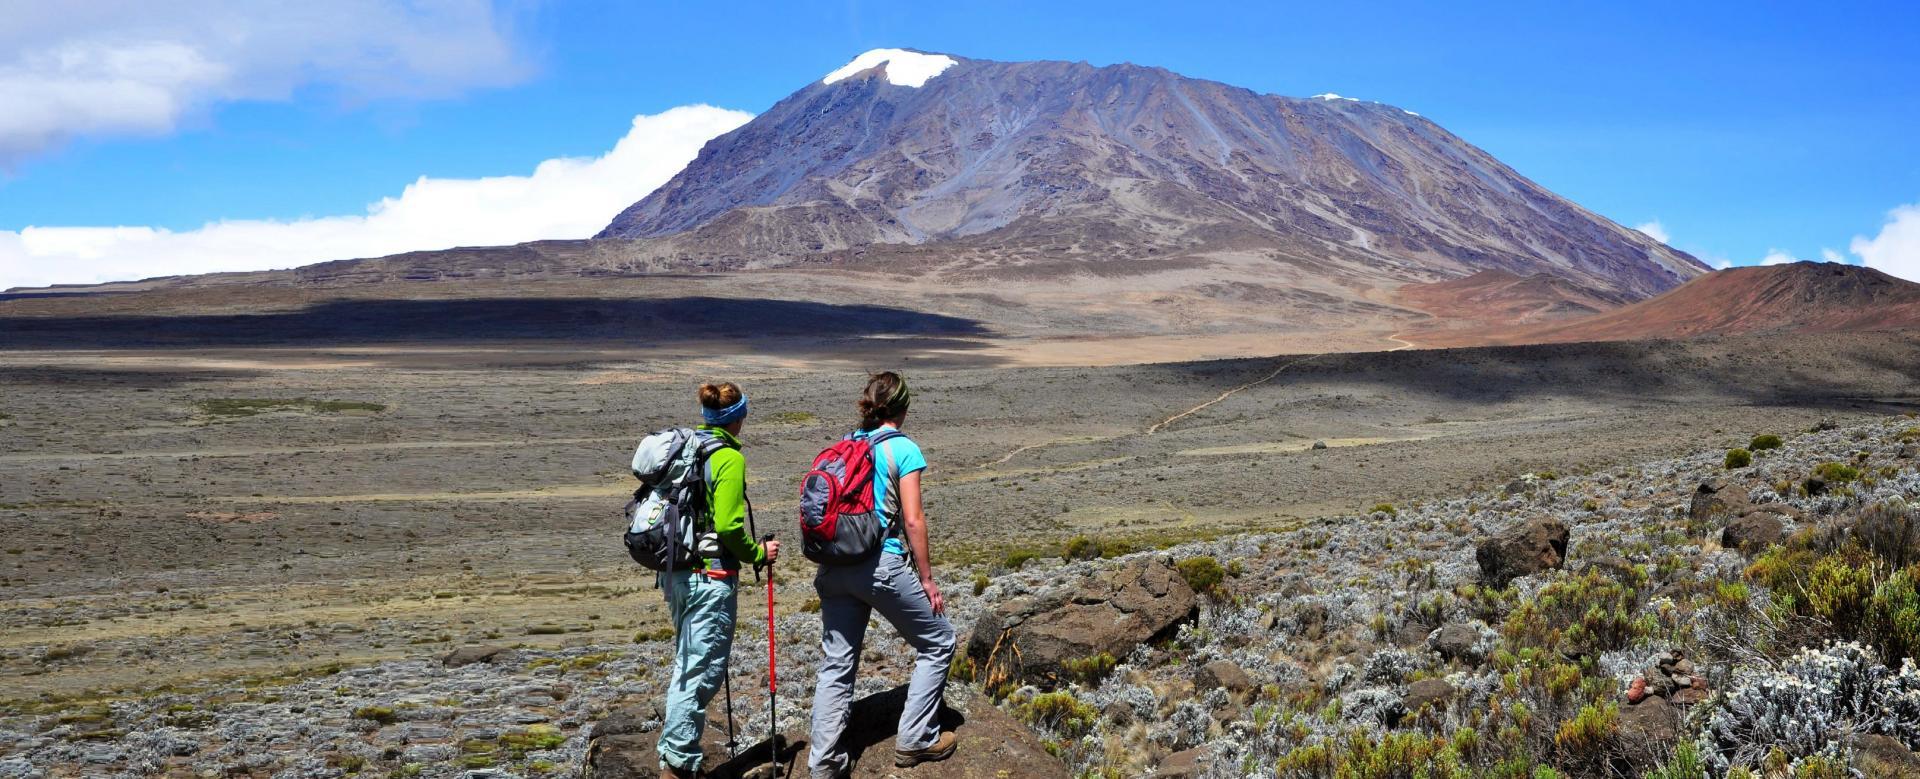 Voyage à pied : Kilimandjaro : voie machame